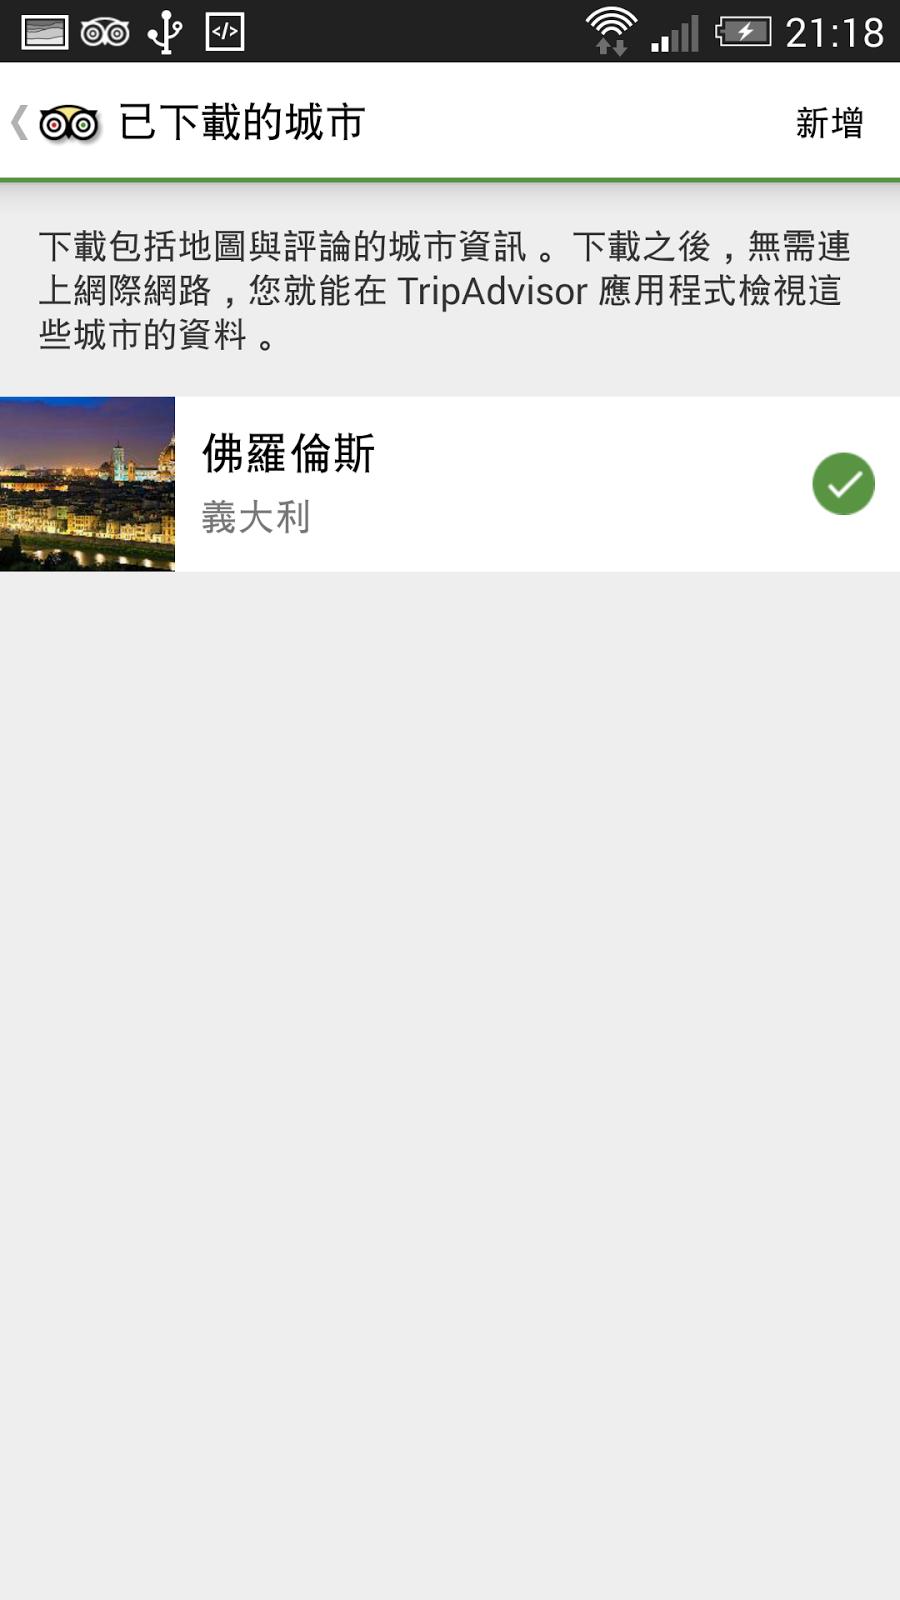 免費下載全球最大旅遊網 TripAdvisor 300個城市離線地圖 TripAdvisor+-04